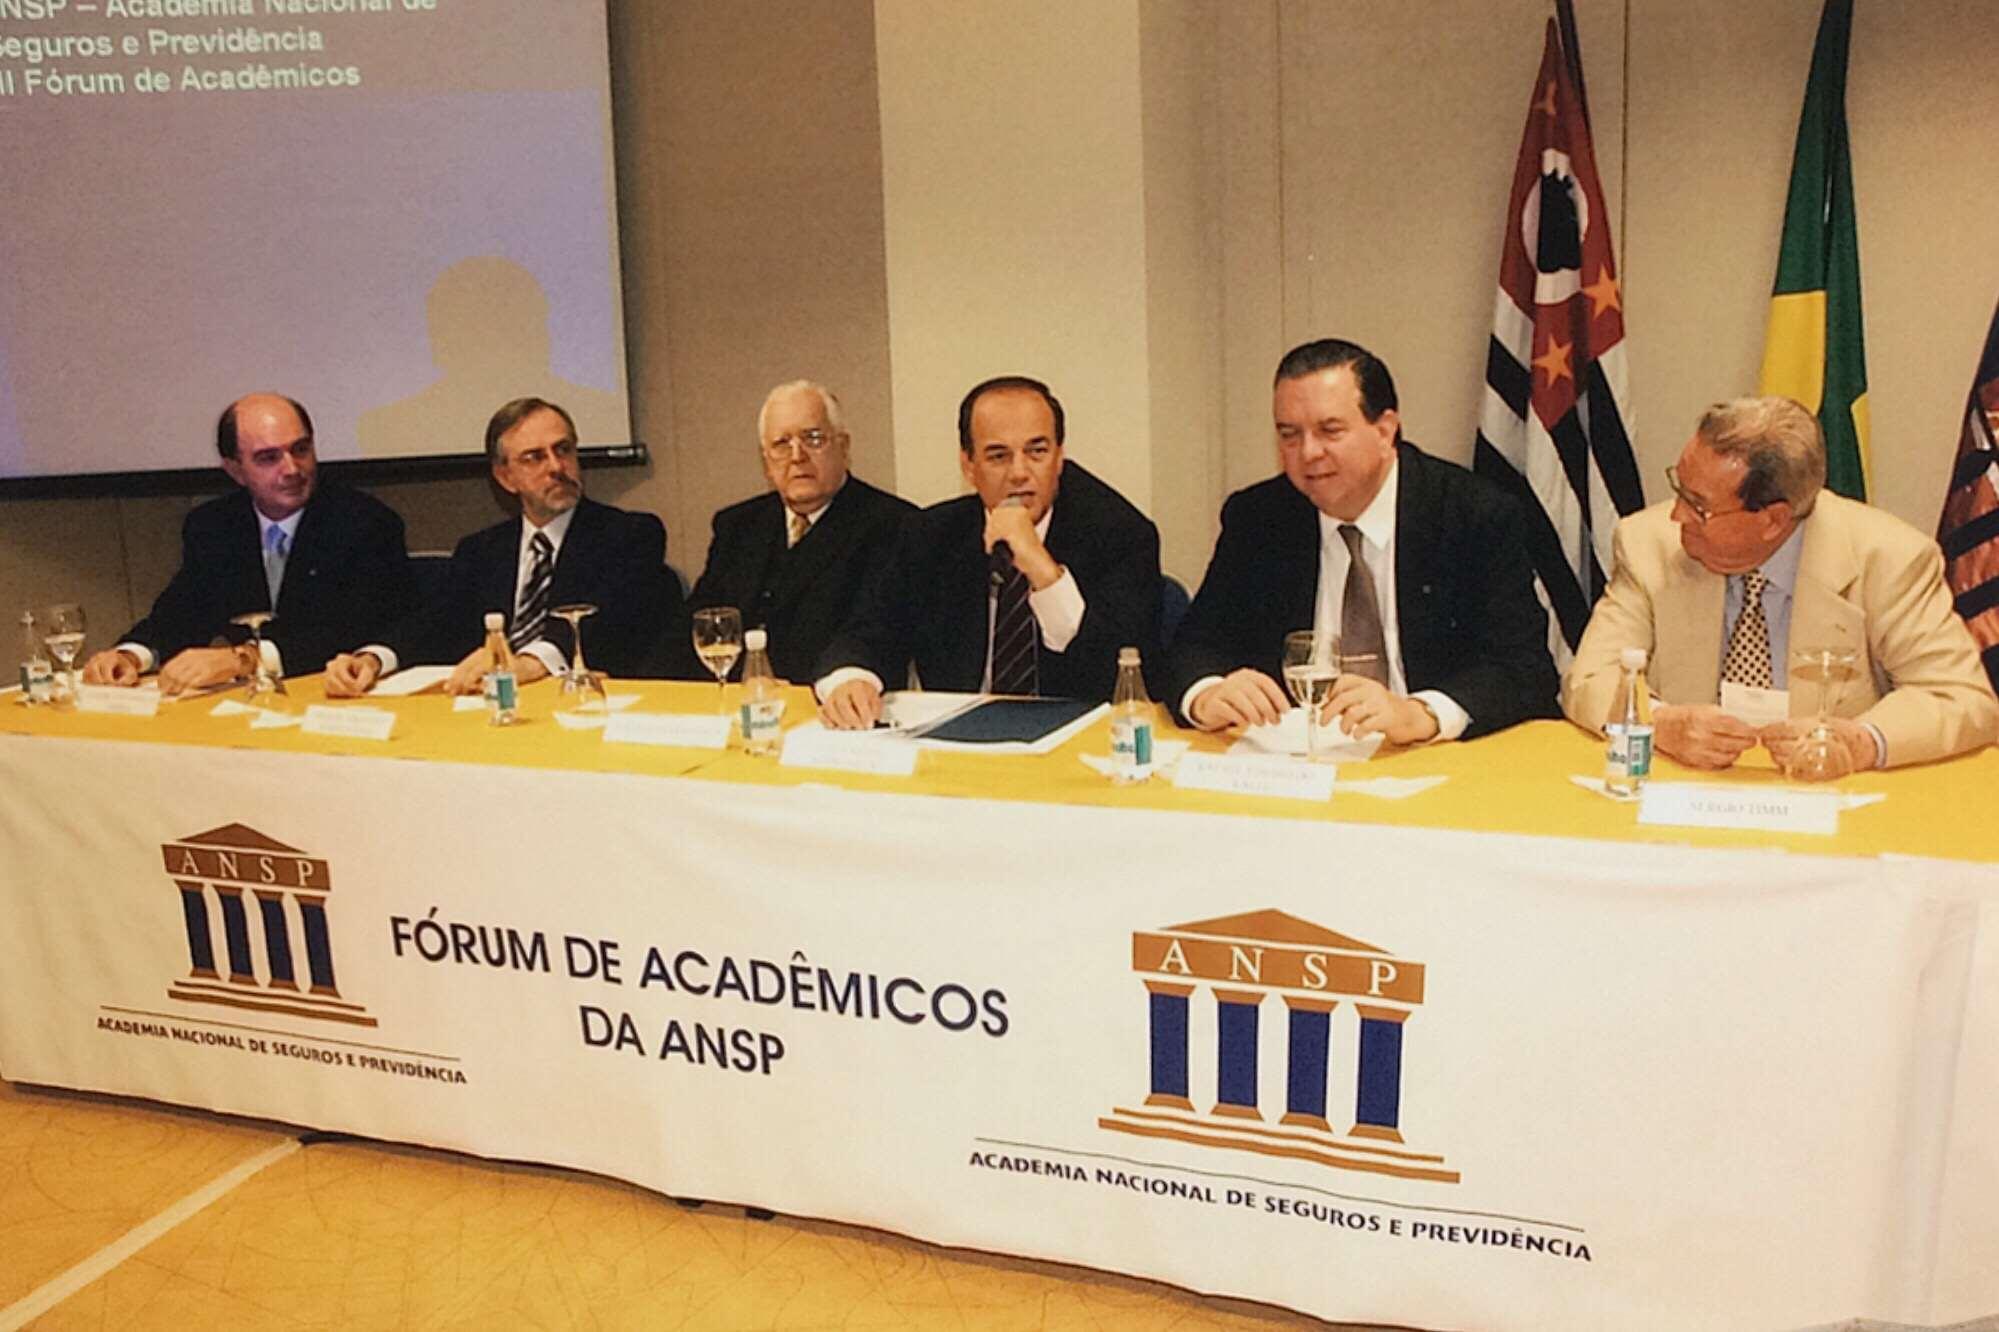 III Fórum de Acadêmicos – 2004